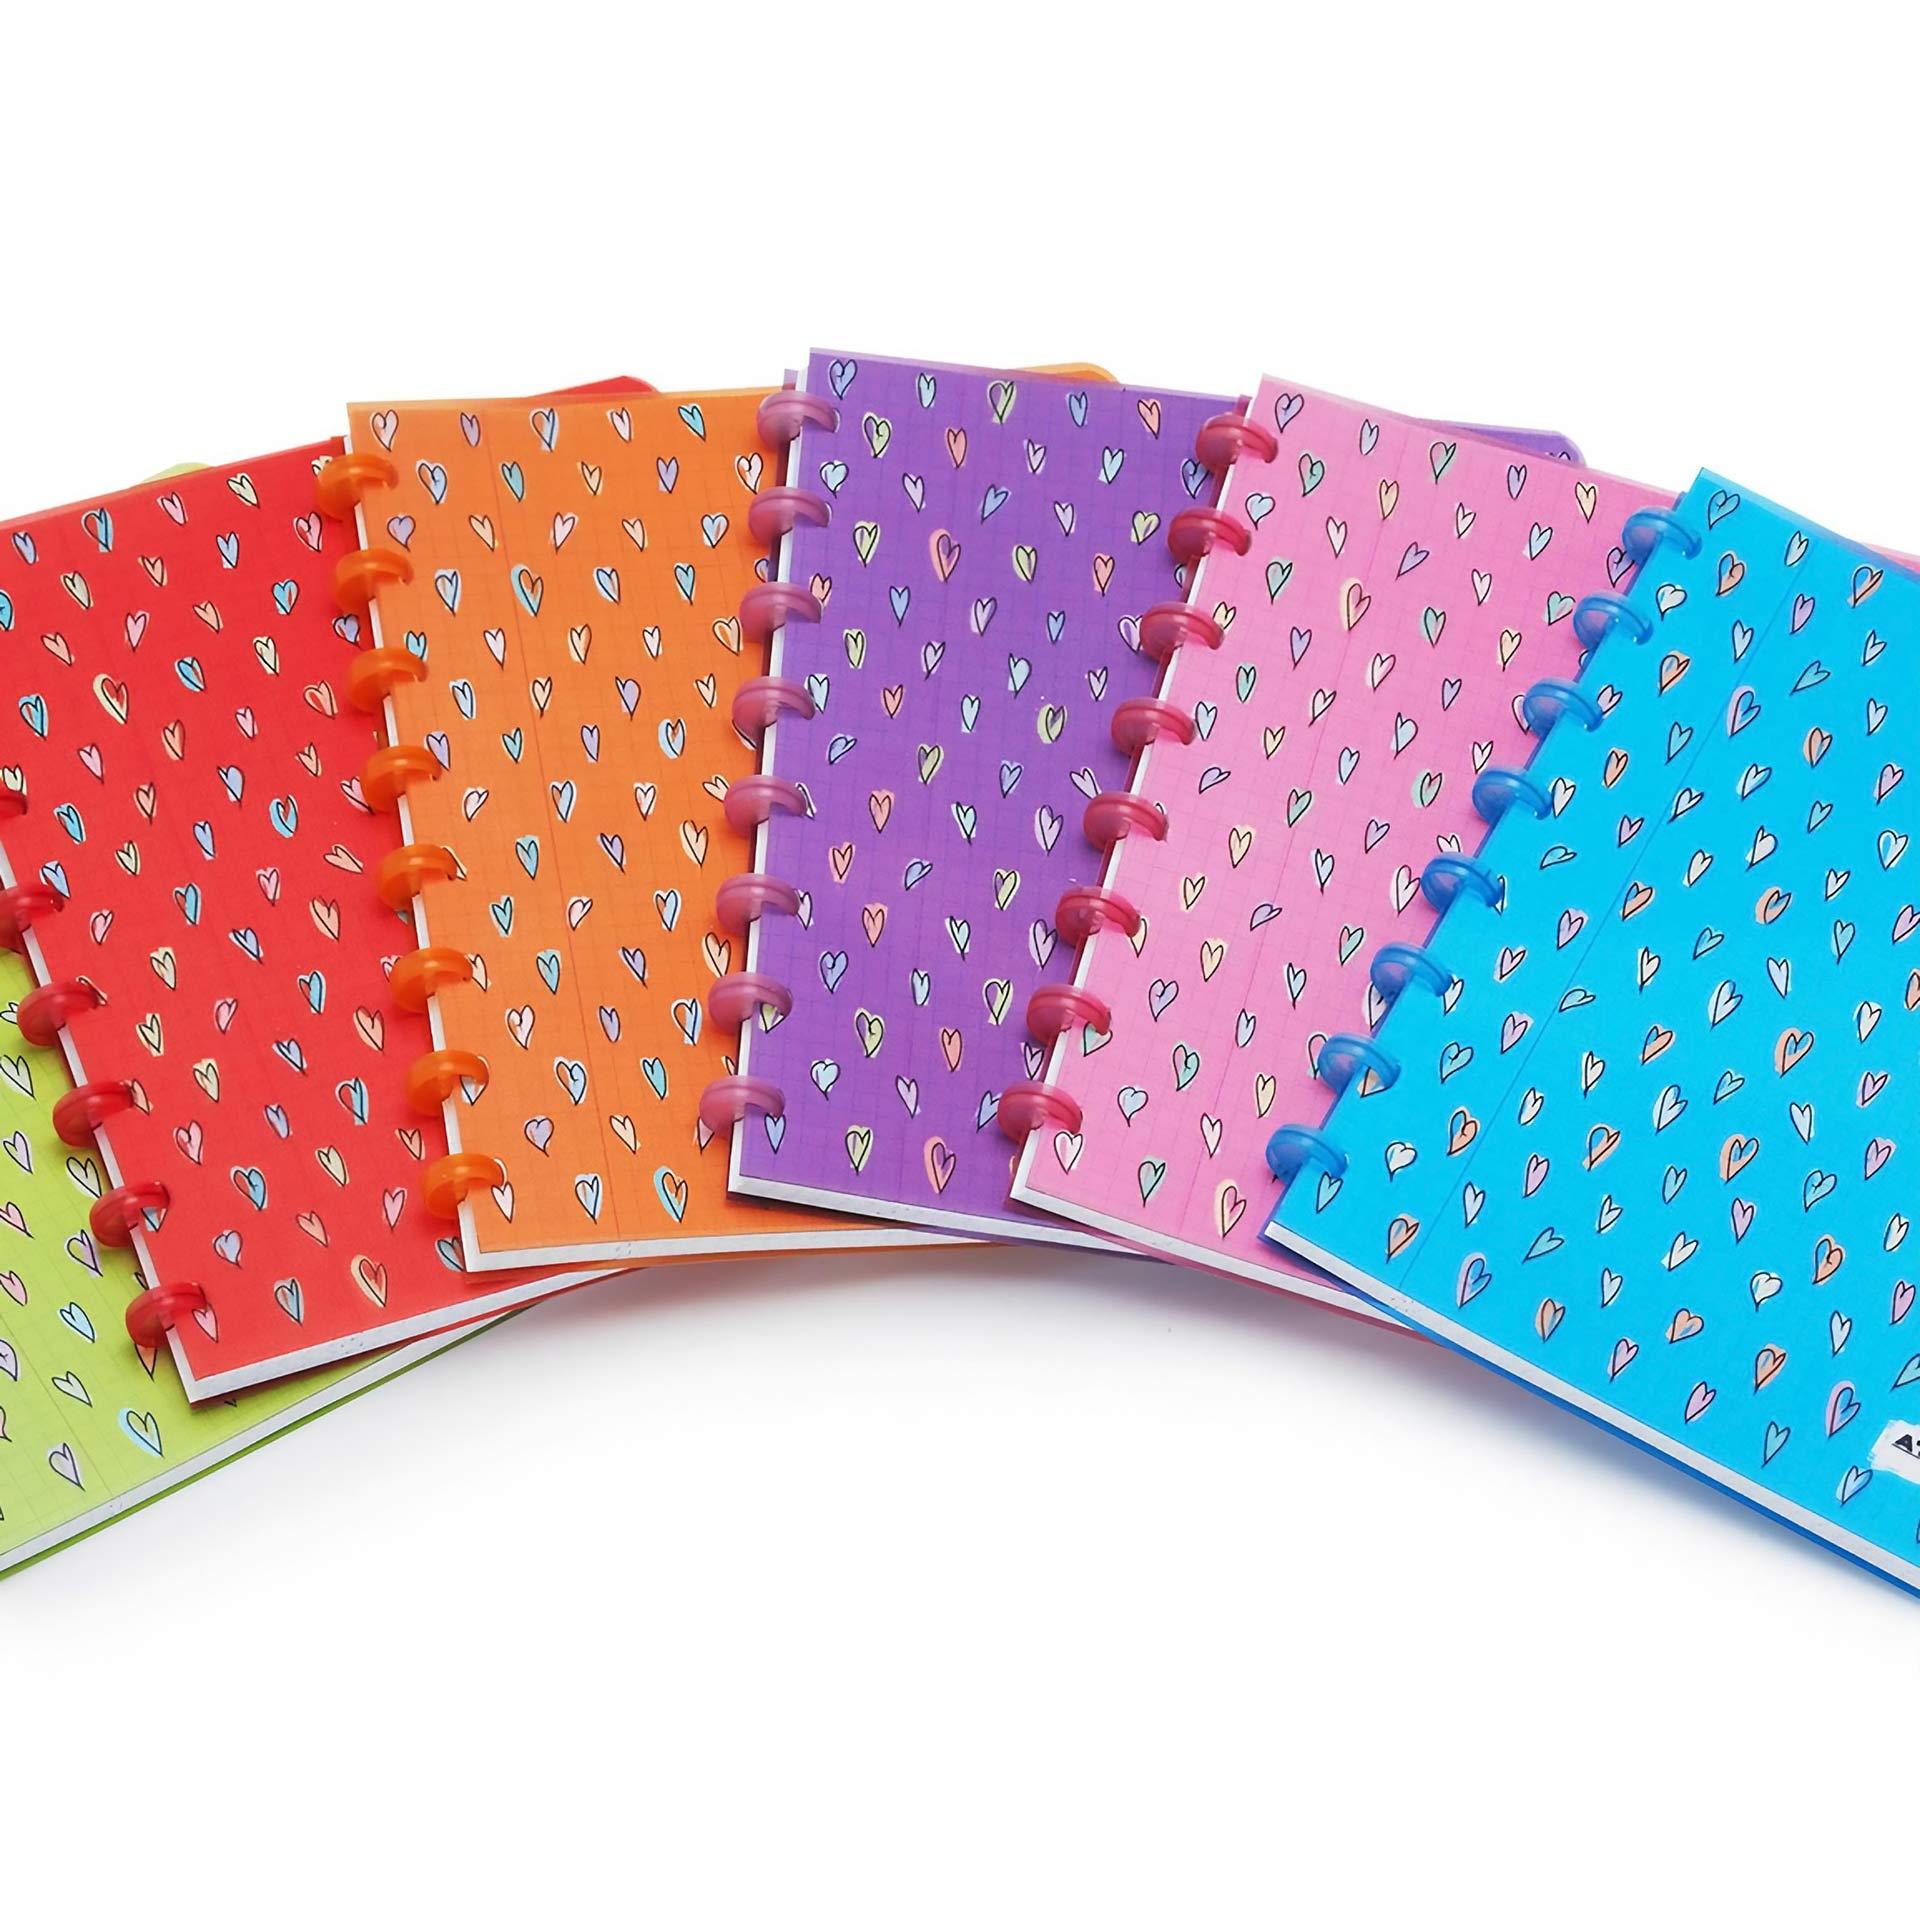 NoteBook Graphic Design Atoma Hearts Casini Studio